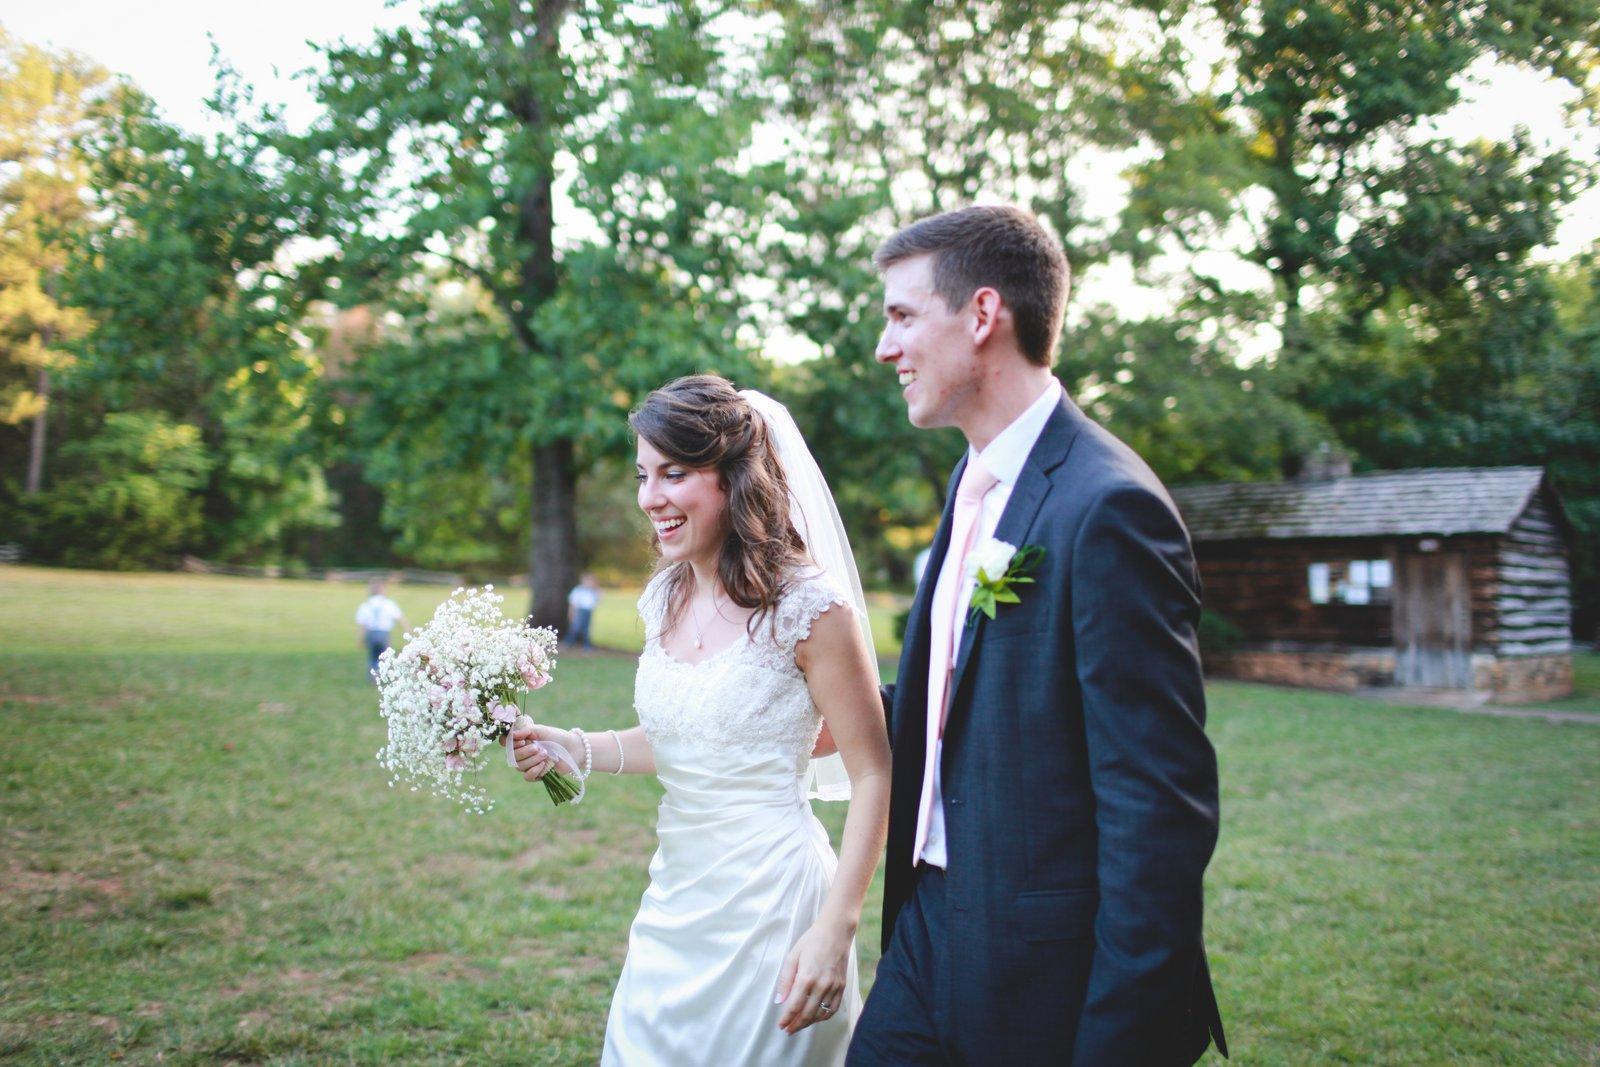 AaronHanna-weddingparty-1-123.jpg